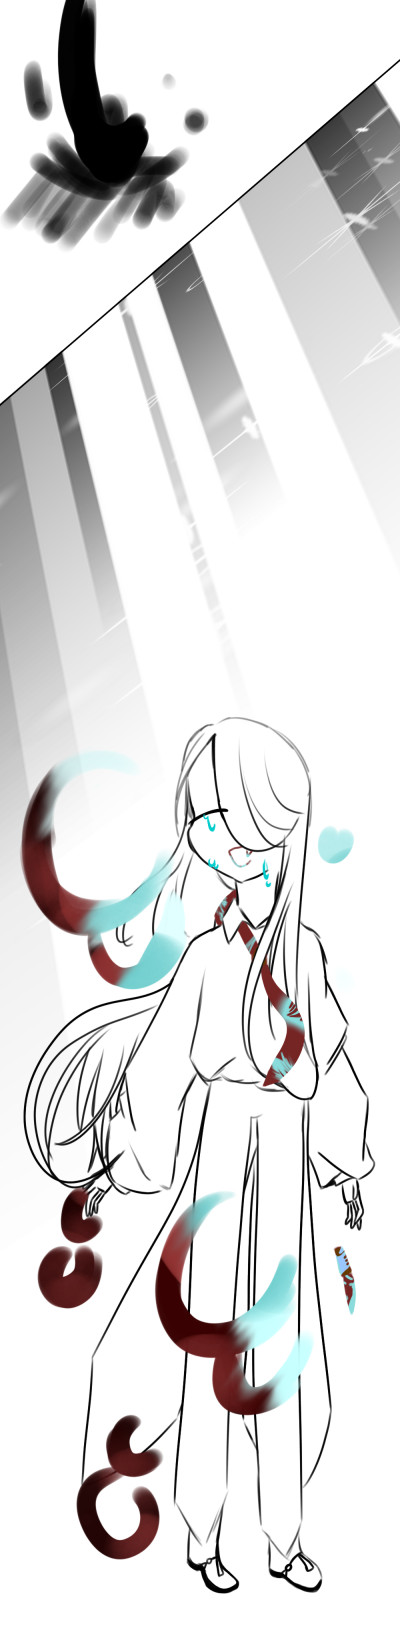 끄적끄적끄적-☆   Princess_sowol   Digital Drawing   PENUP